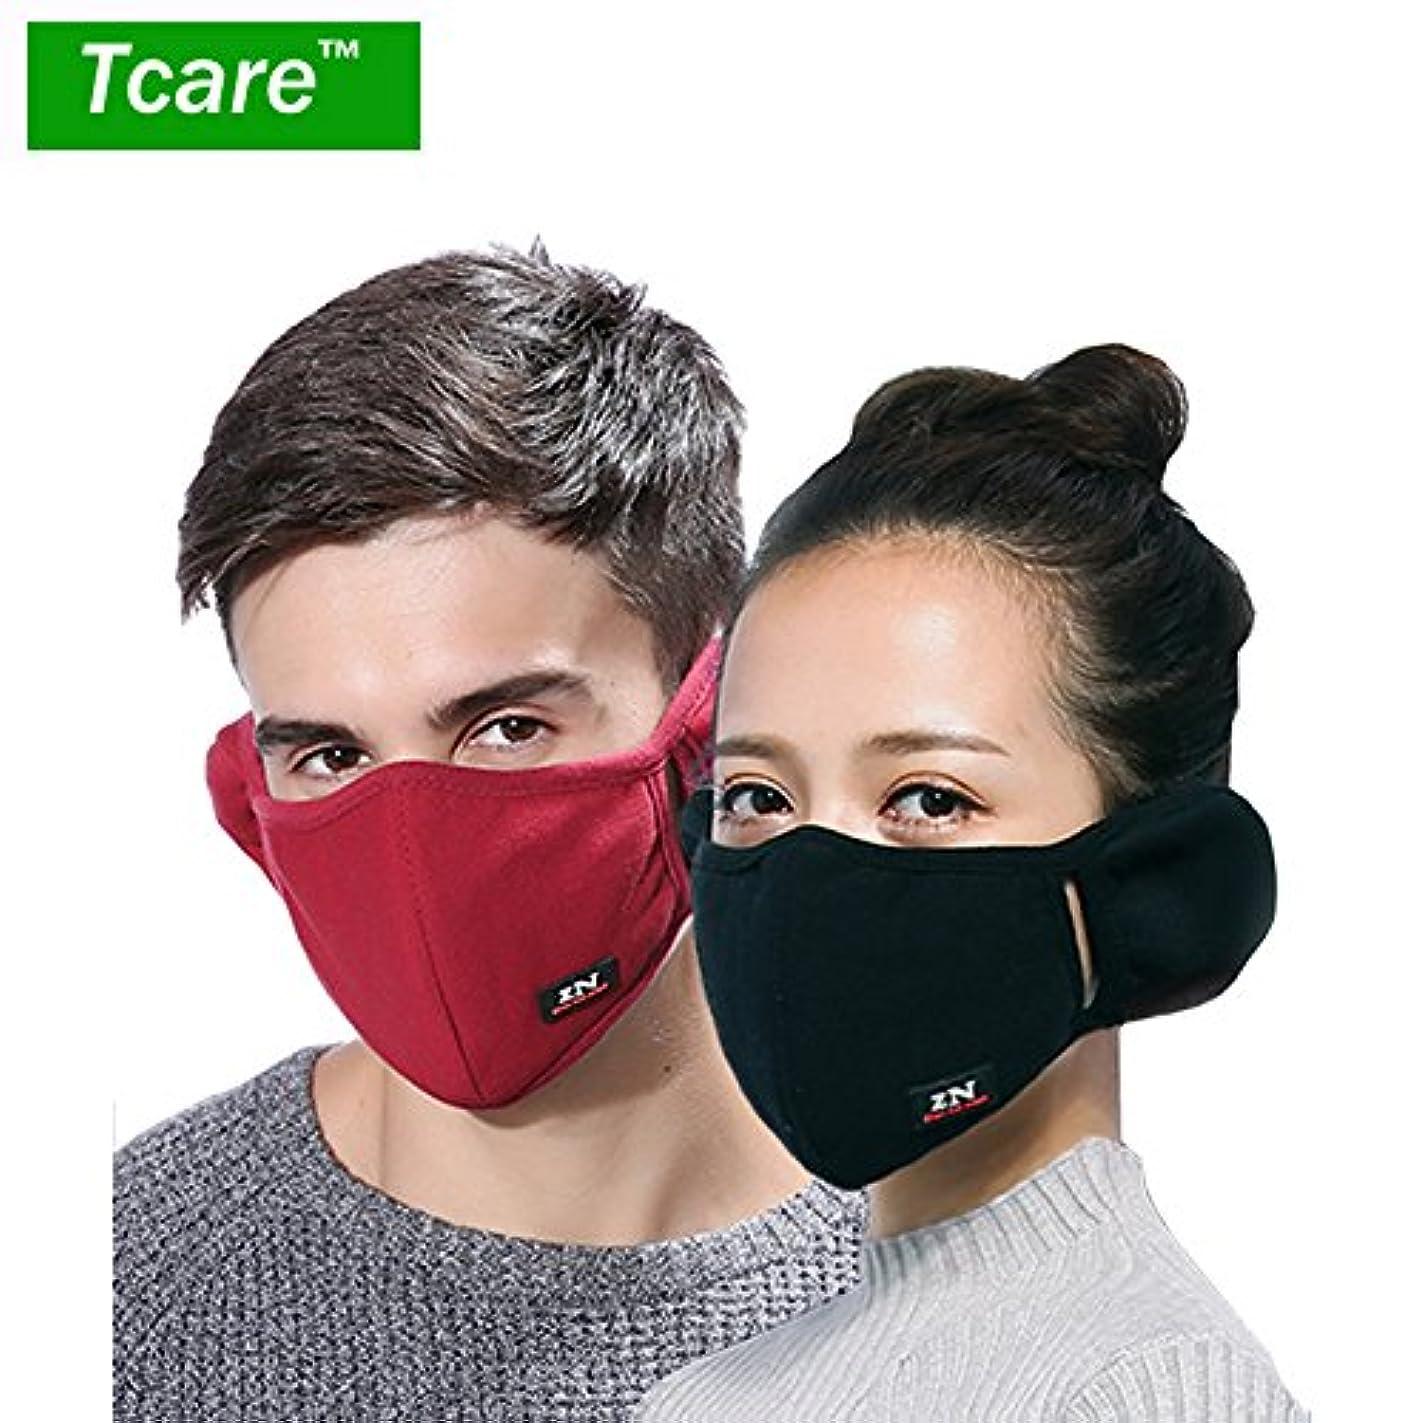 消費租界見つける男性女性の少年少女のためのTcare呼吸器2レイヤピュアコットン保護フィルター挿入口:9グレー